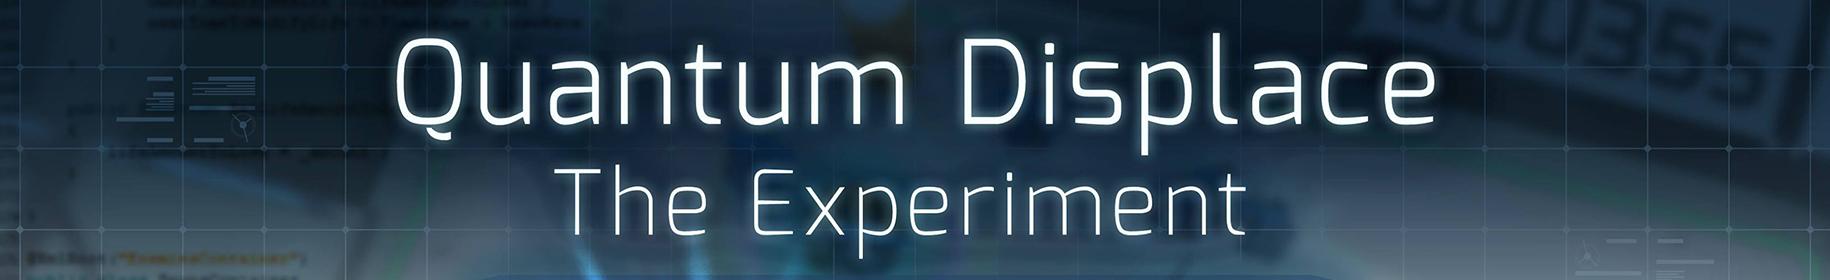 Quantum Displace: The Experiment